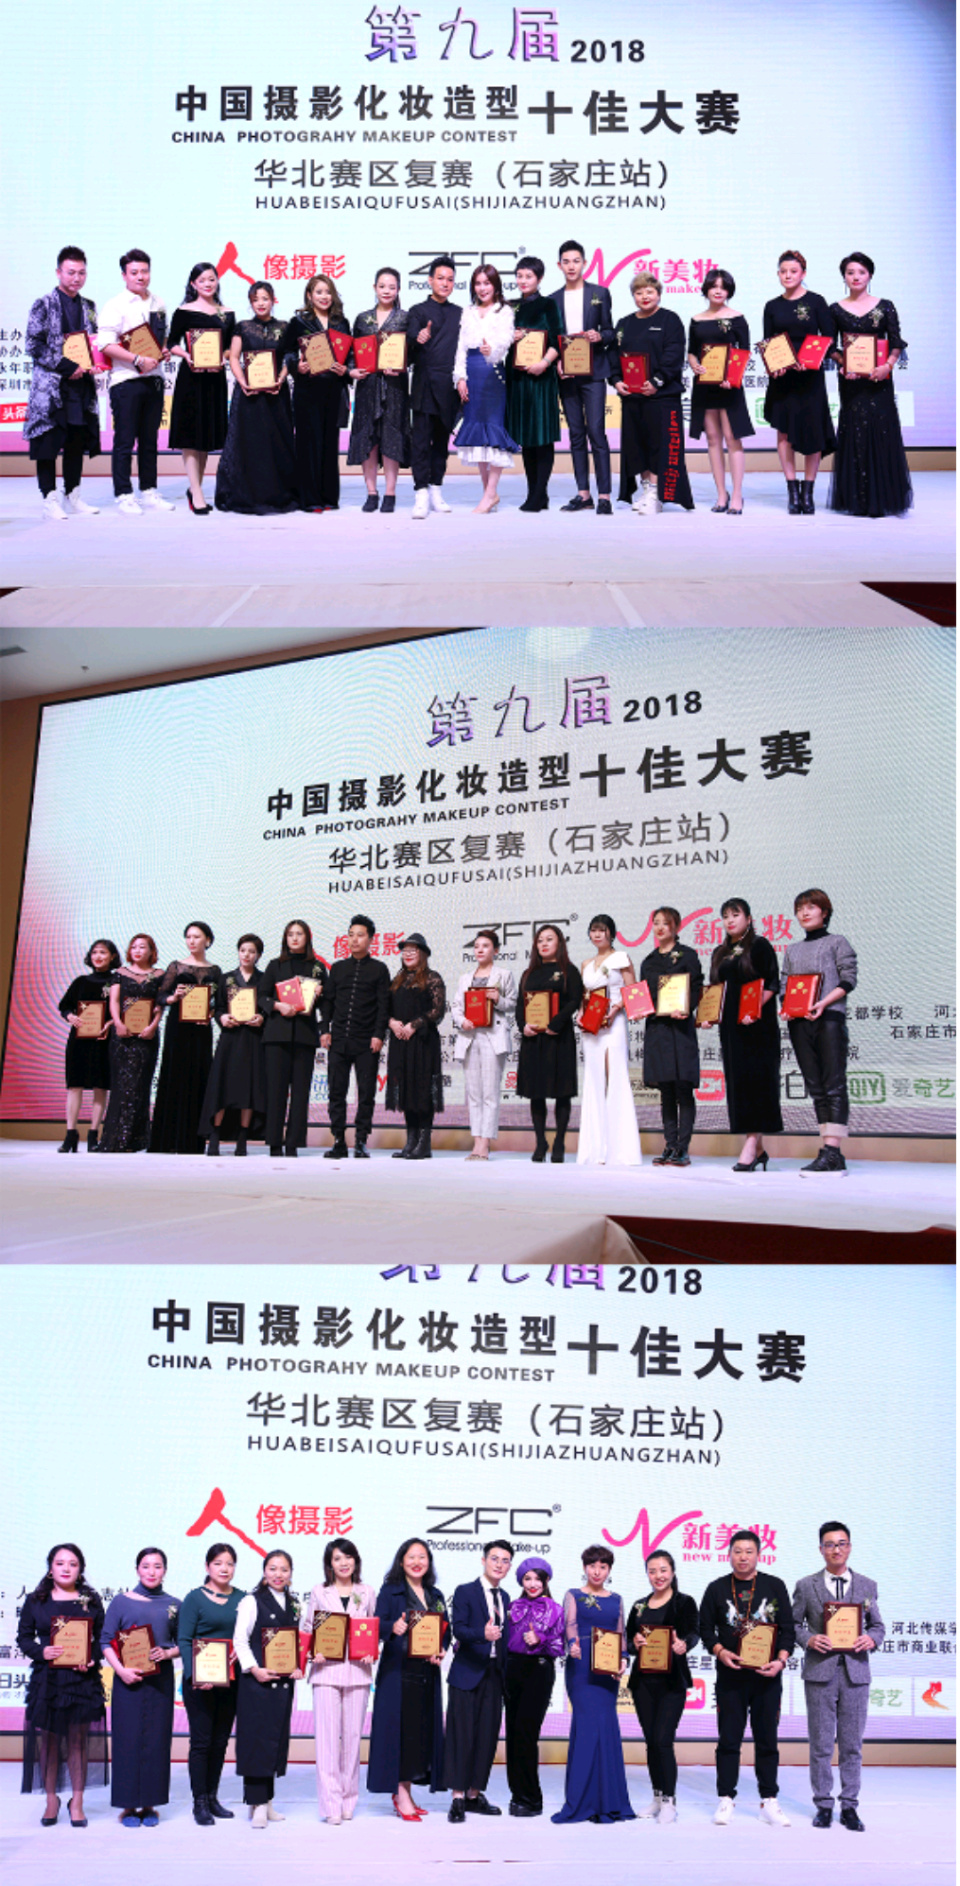 第九届中国摄影化妆造型十佳大赛华北赛区复赛石家庄站圆满落幕